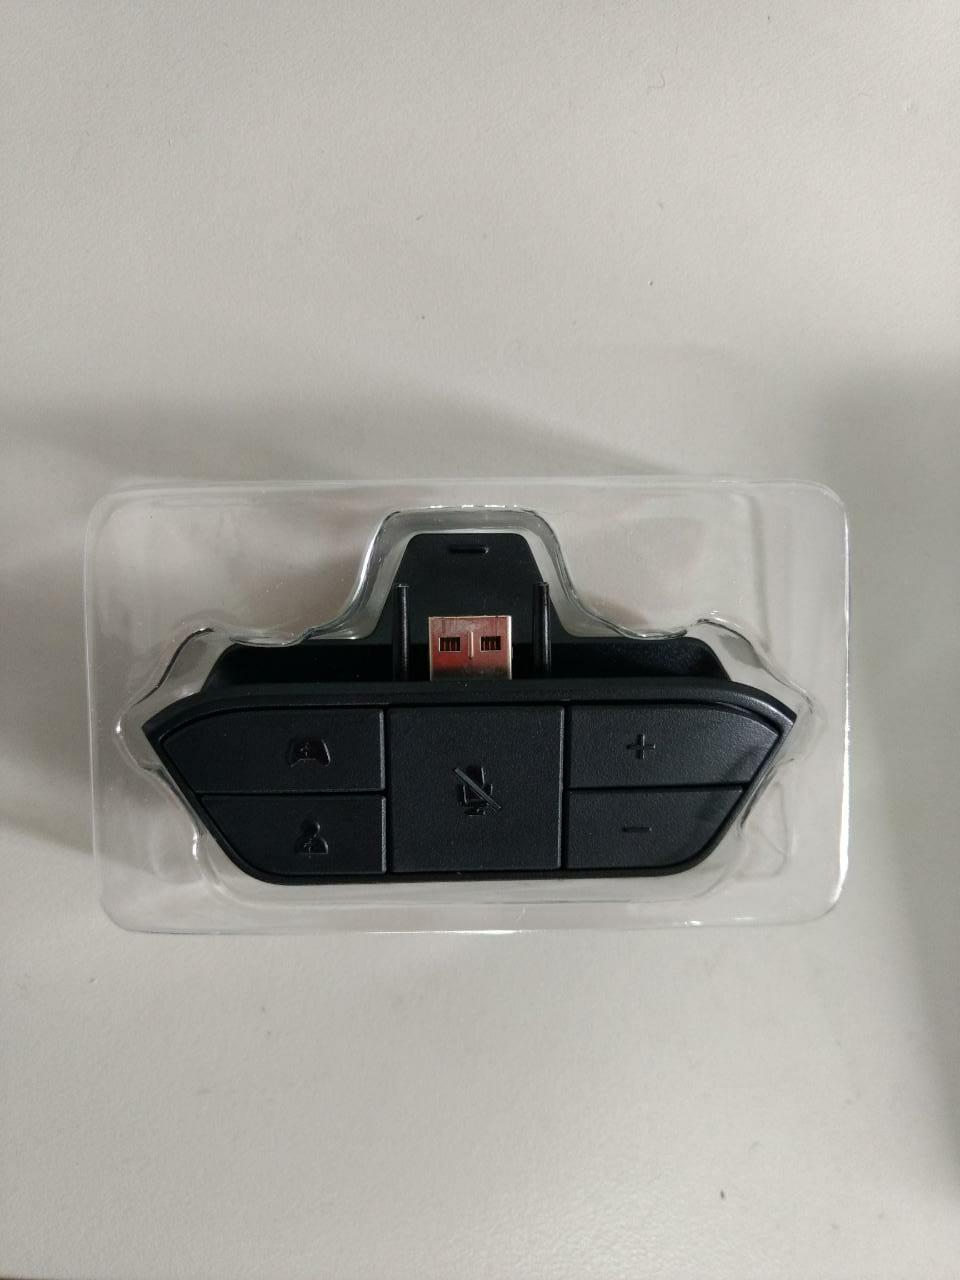 Adaptador Stereo para Headset Xbox One - Microsoft (sem caixa)